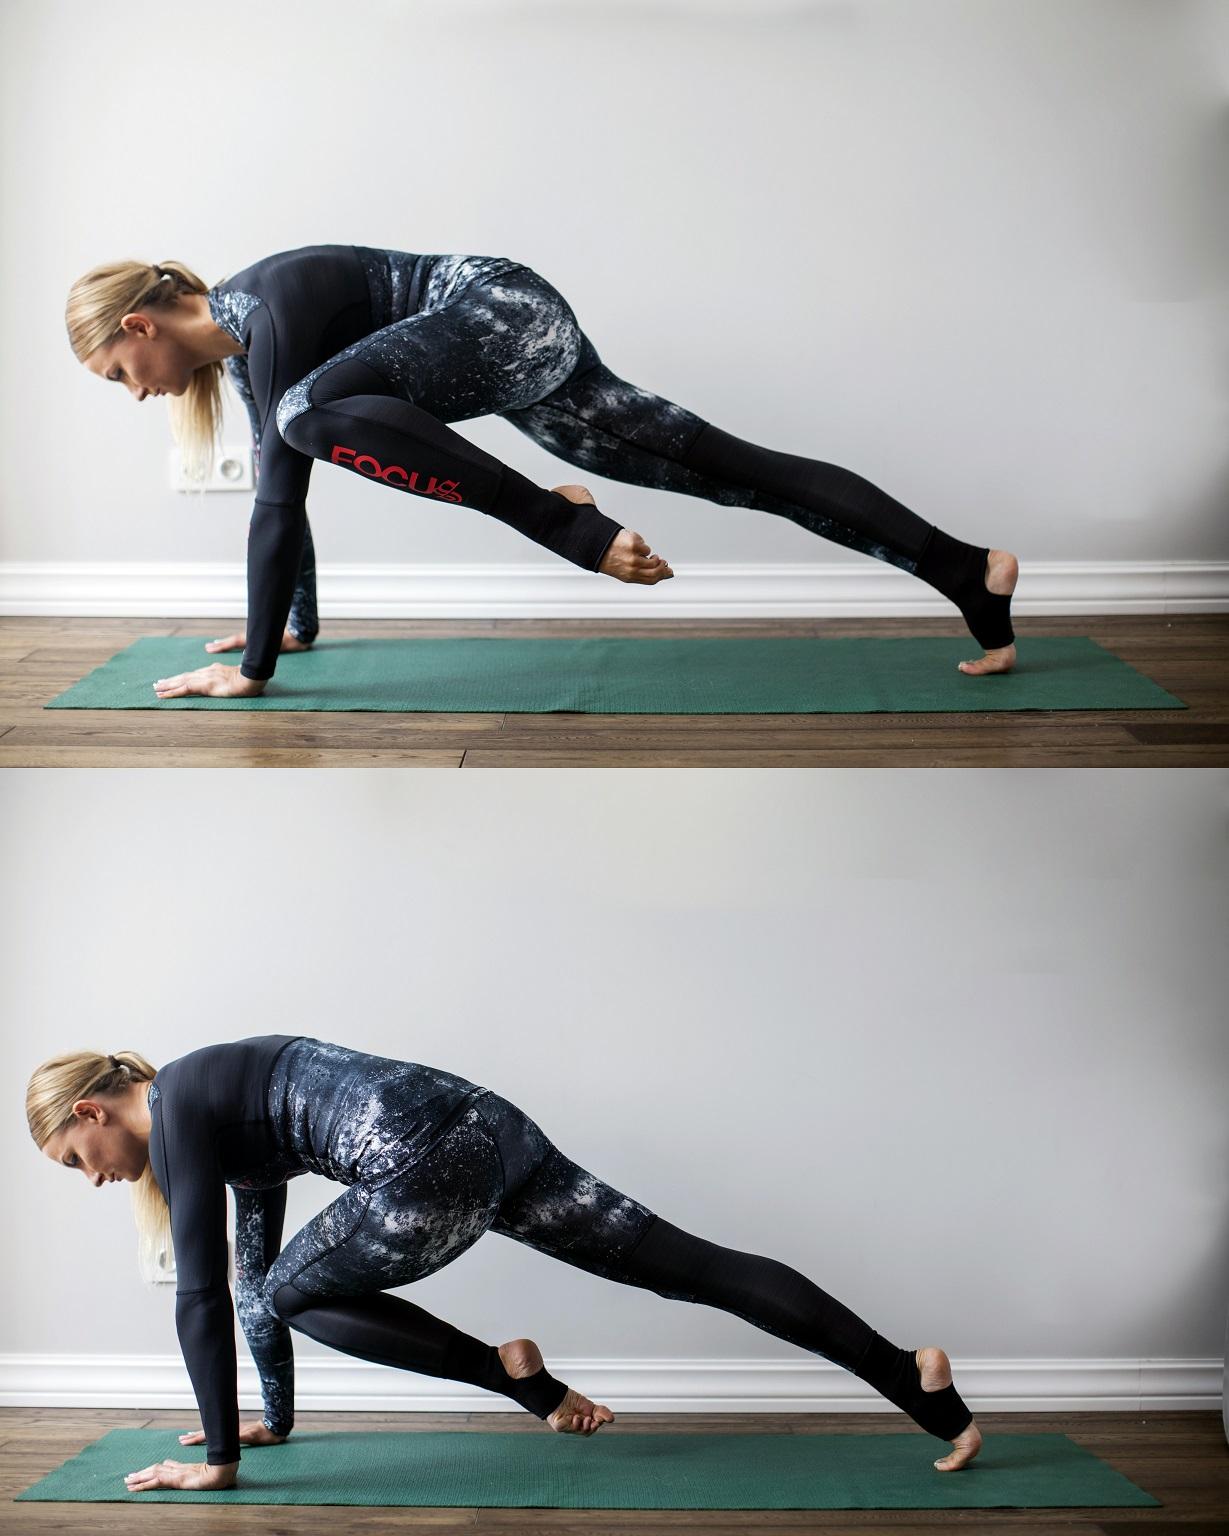 cwiczenia na core_przyciaganie kolana